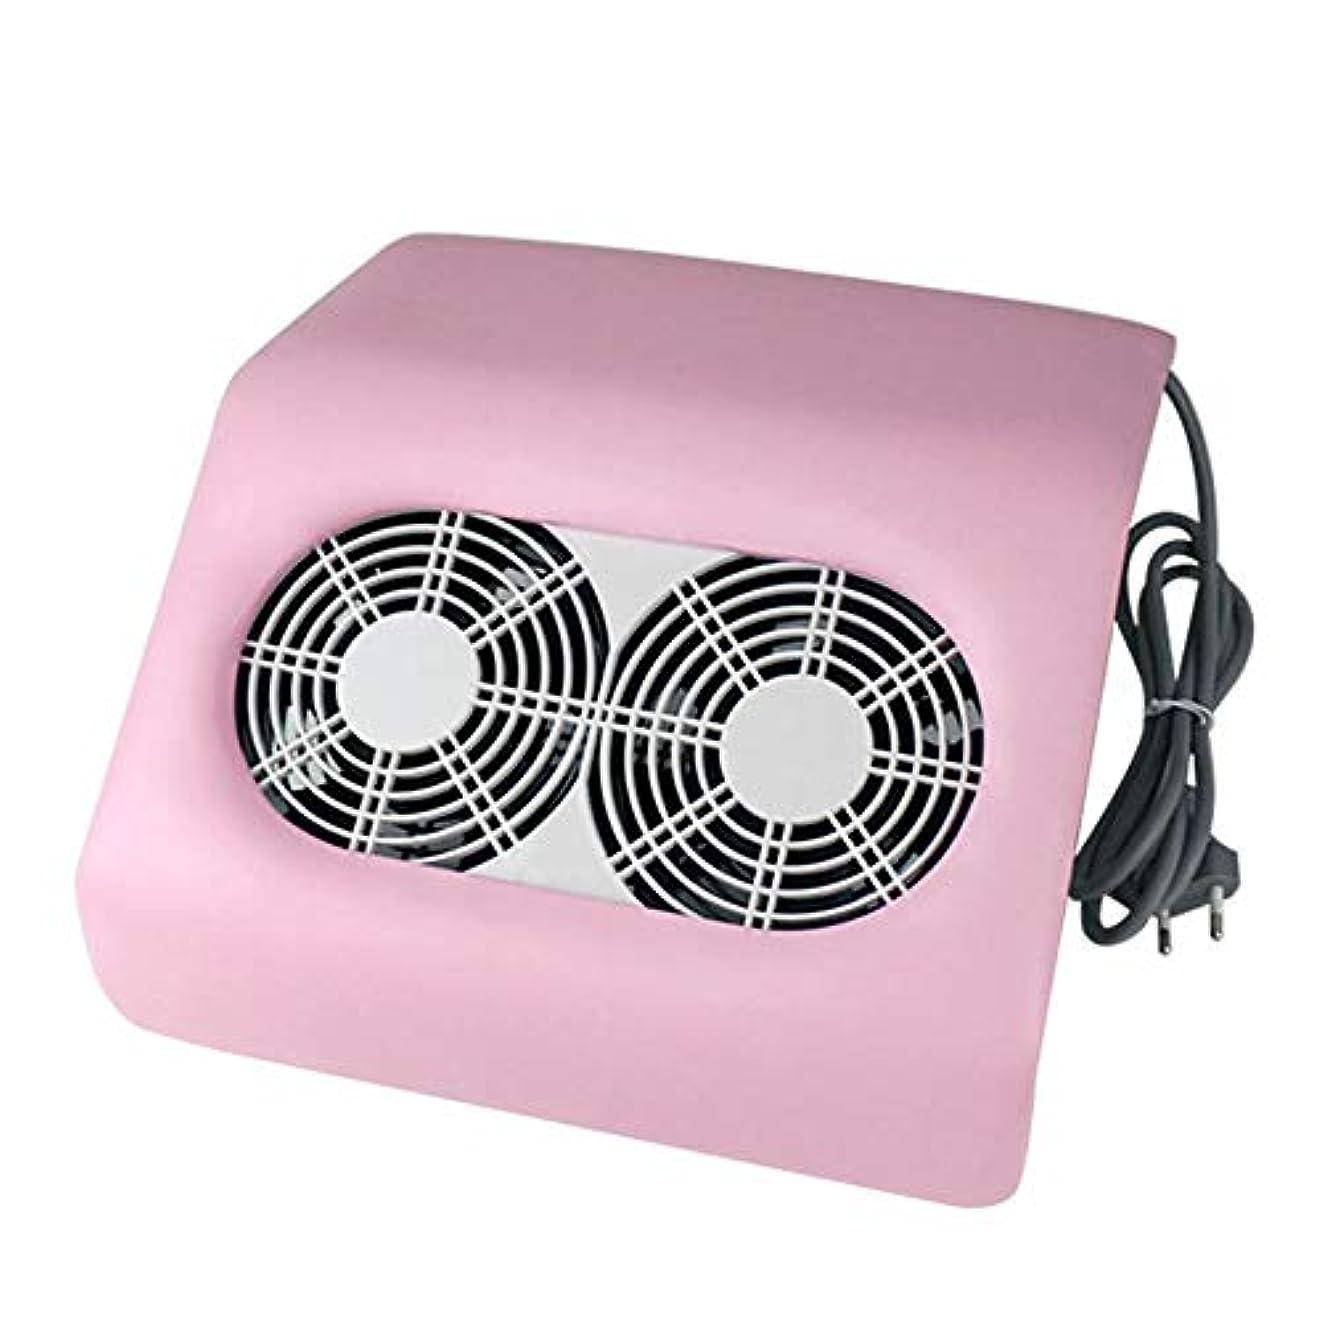 ピンク組み込む眠る65W 爪 ダスト吸引 コレクタ と 2 真空 クリーナー ファン ために ネイルアート サロン つかいます ネイルアート 装置 と 2 ほこり 収集 バッグ